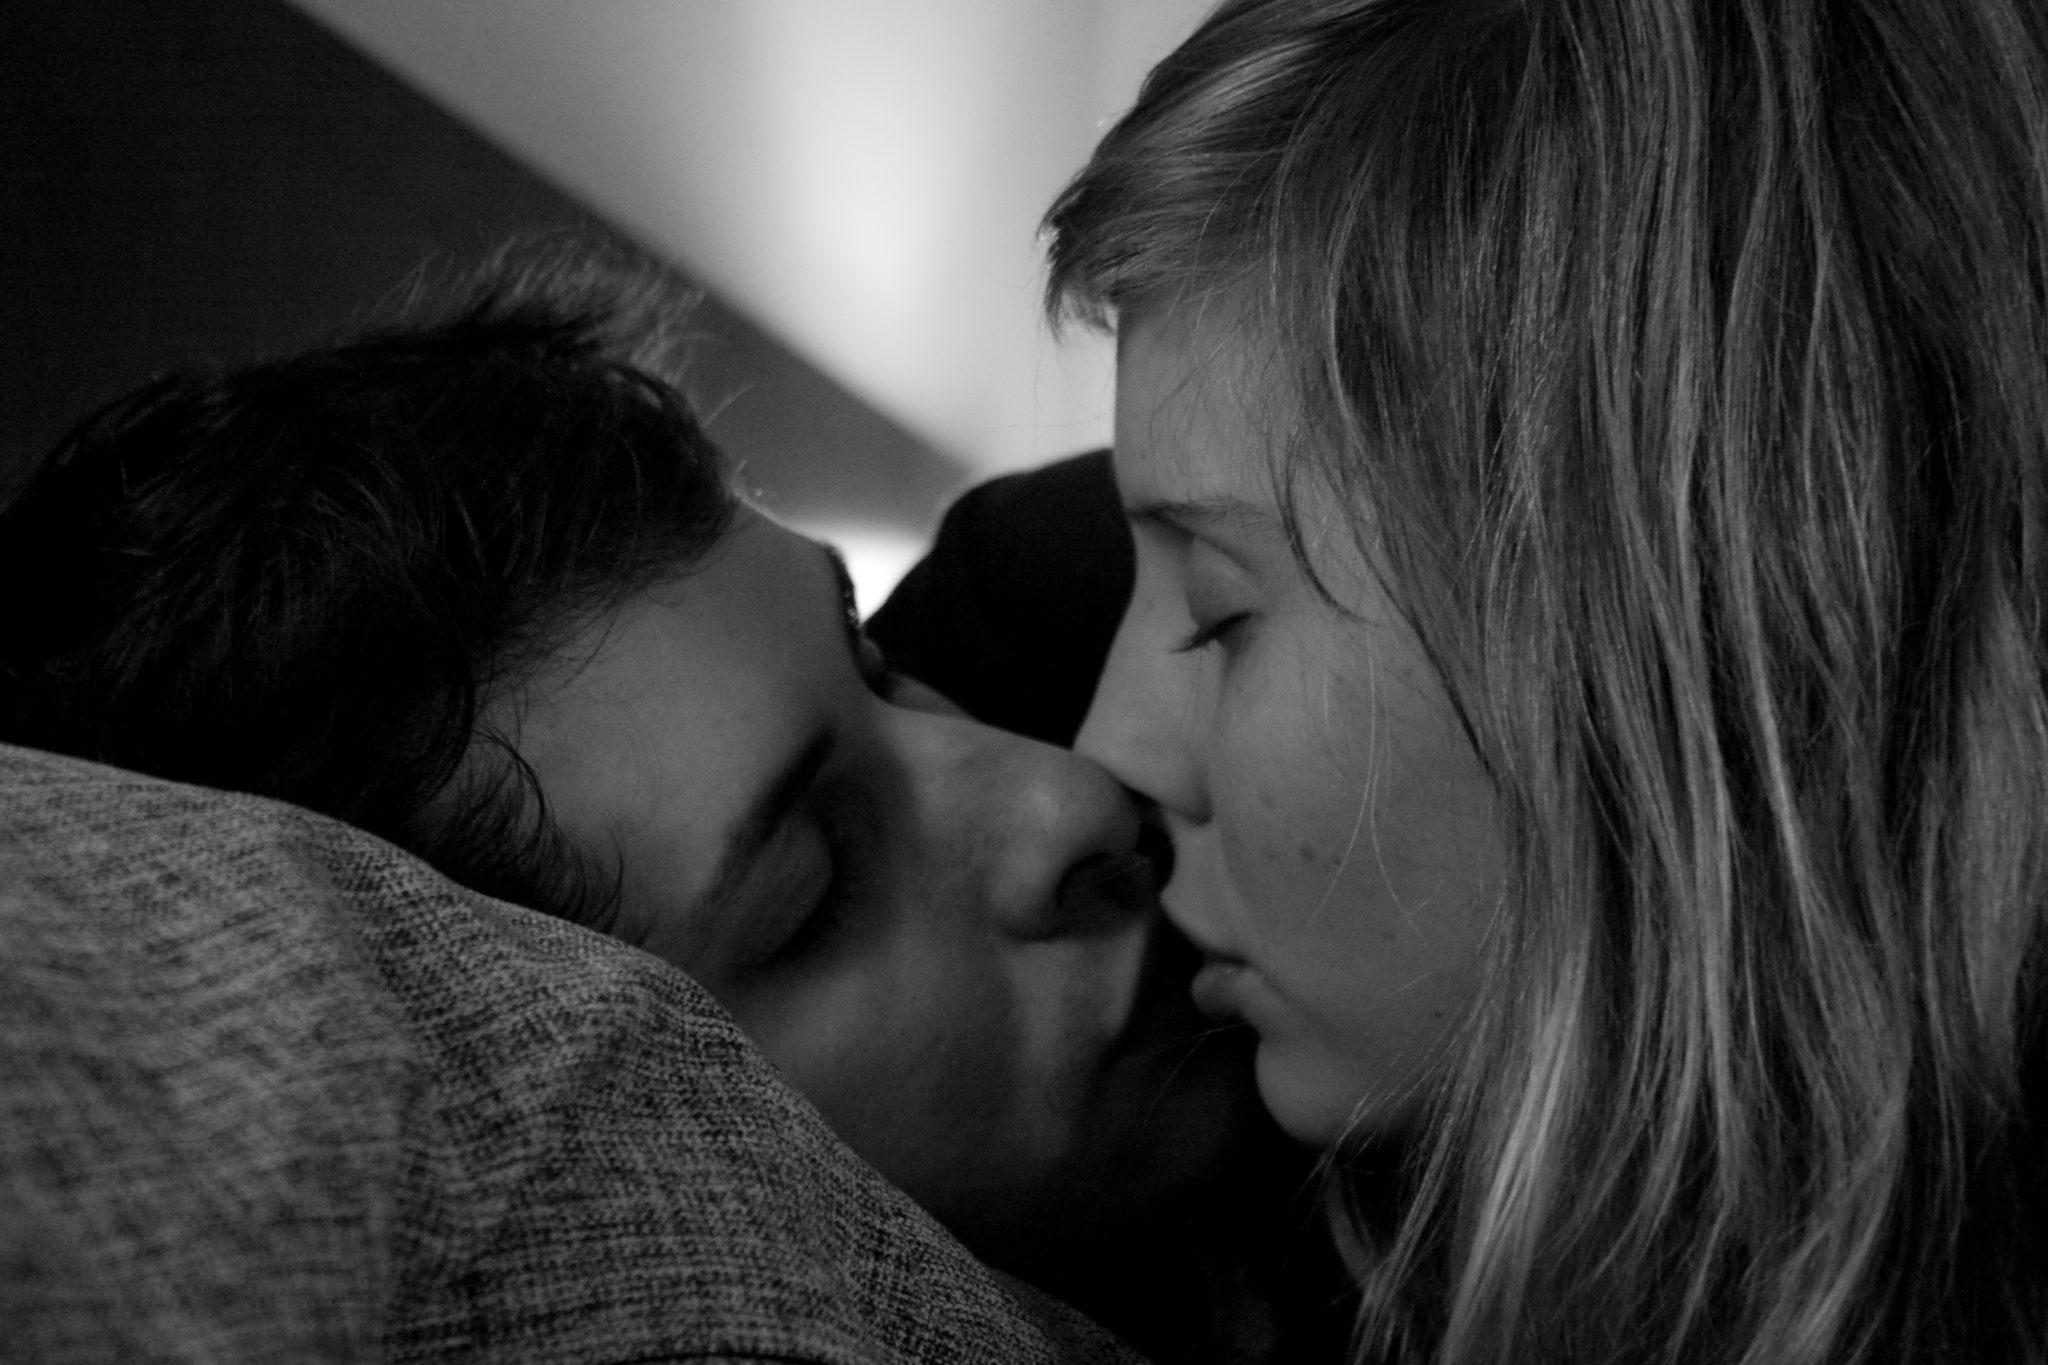 кто картинка целовать любимого работ